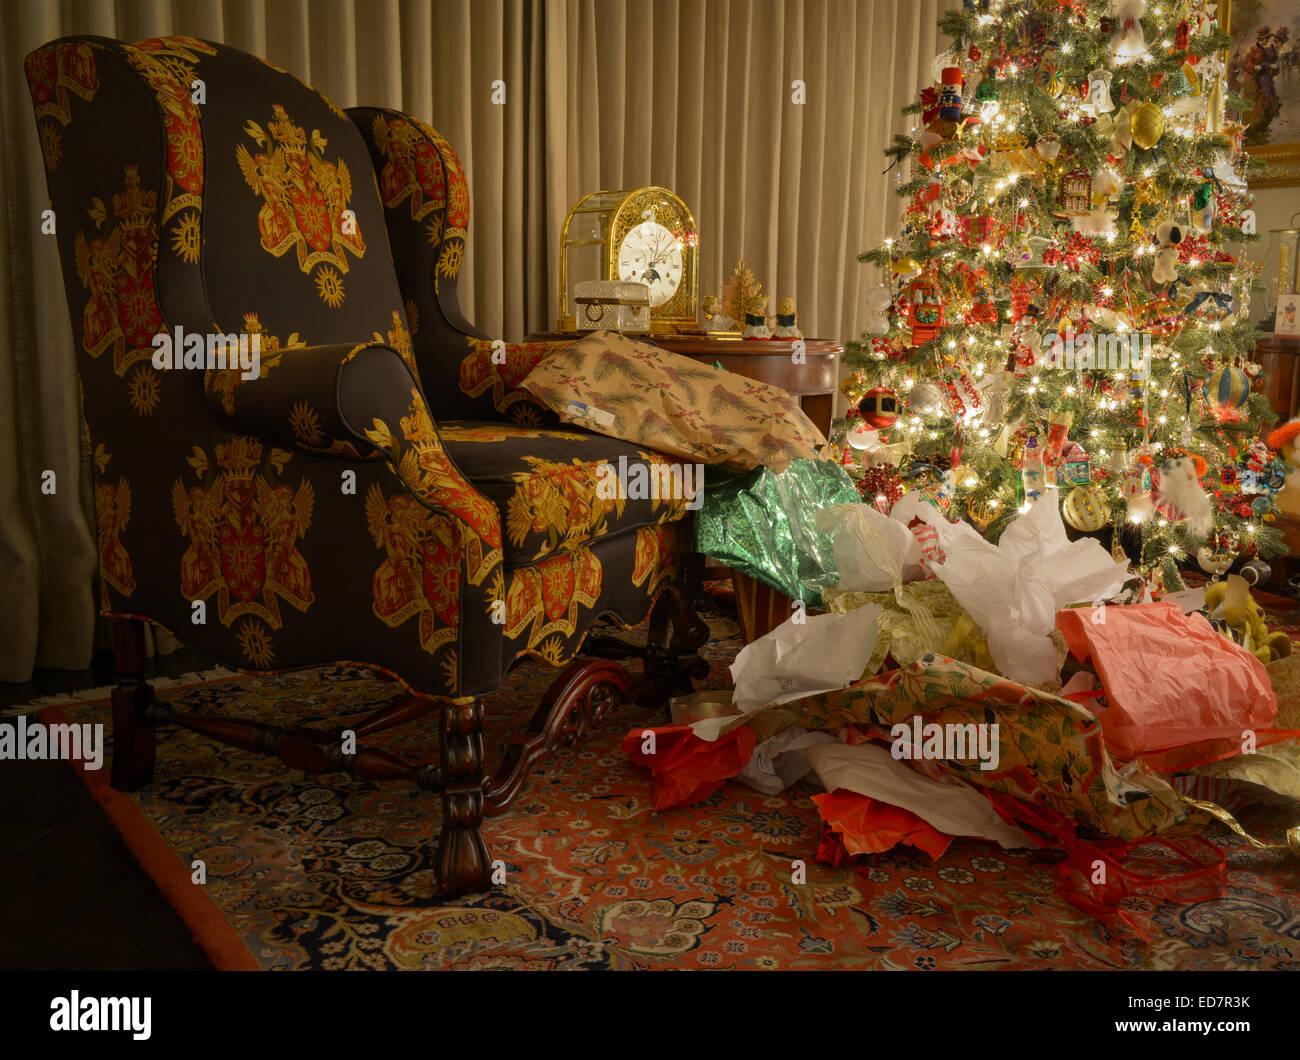 Pila de papel de regalo junto al árbol de Navidad Imagen De Stock